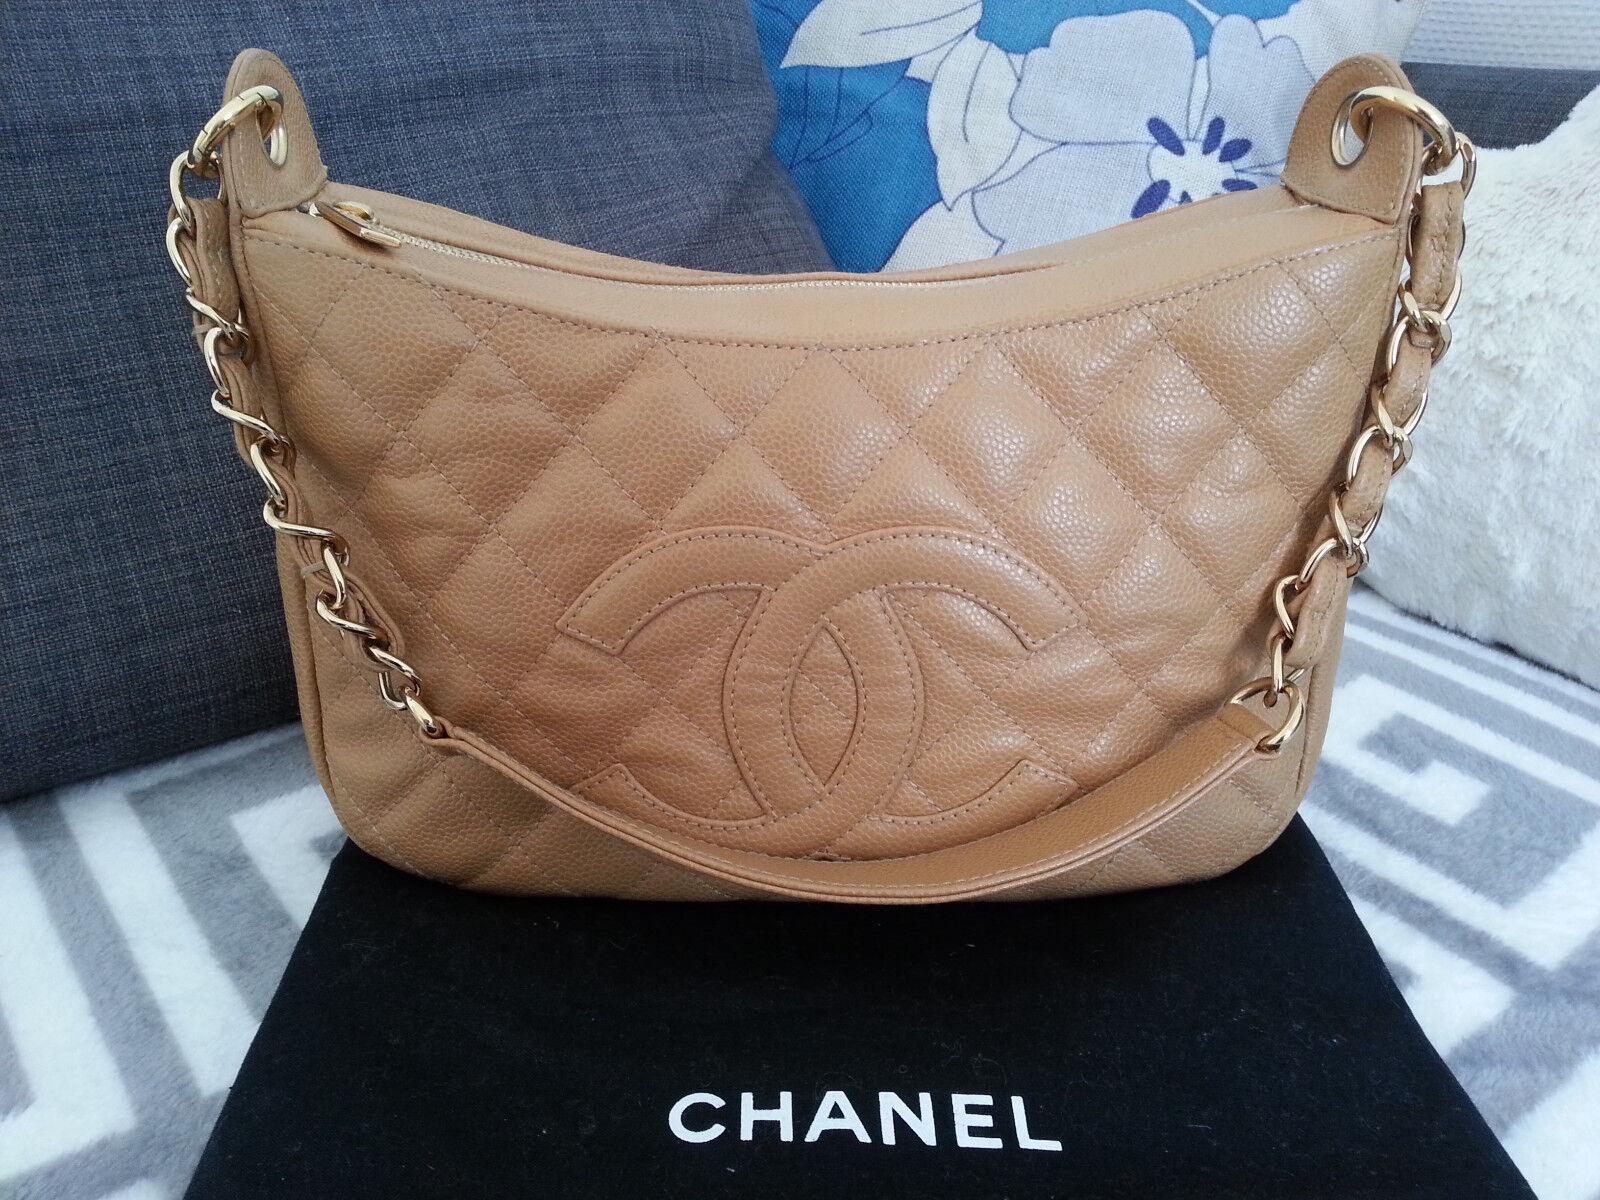 Rare superbe authentique sac a main chanel en cuir grainé matelassé marron *tbe*